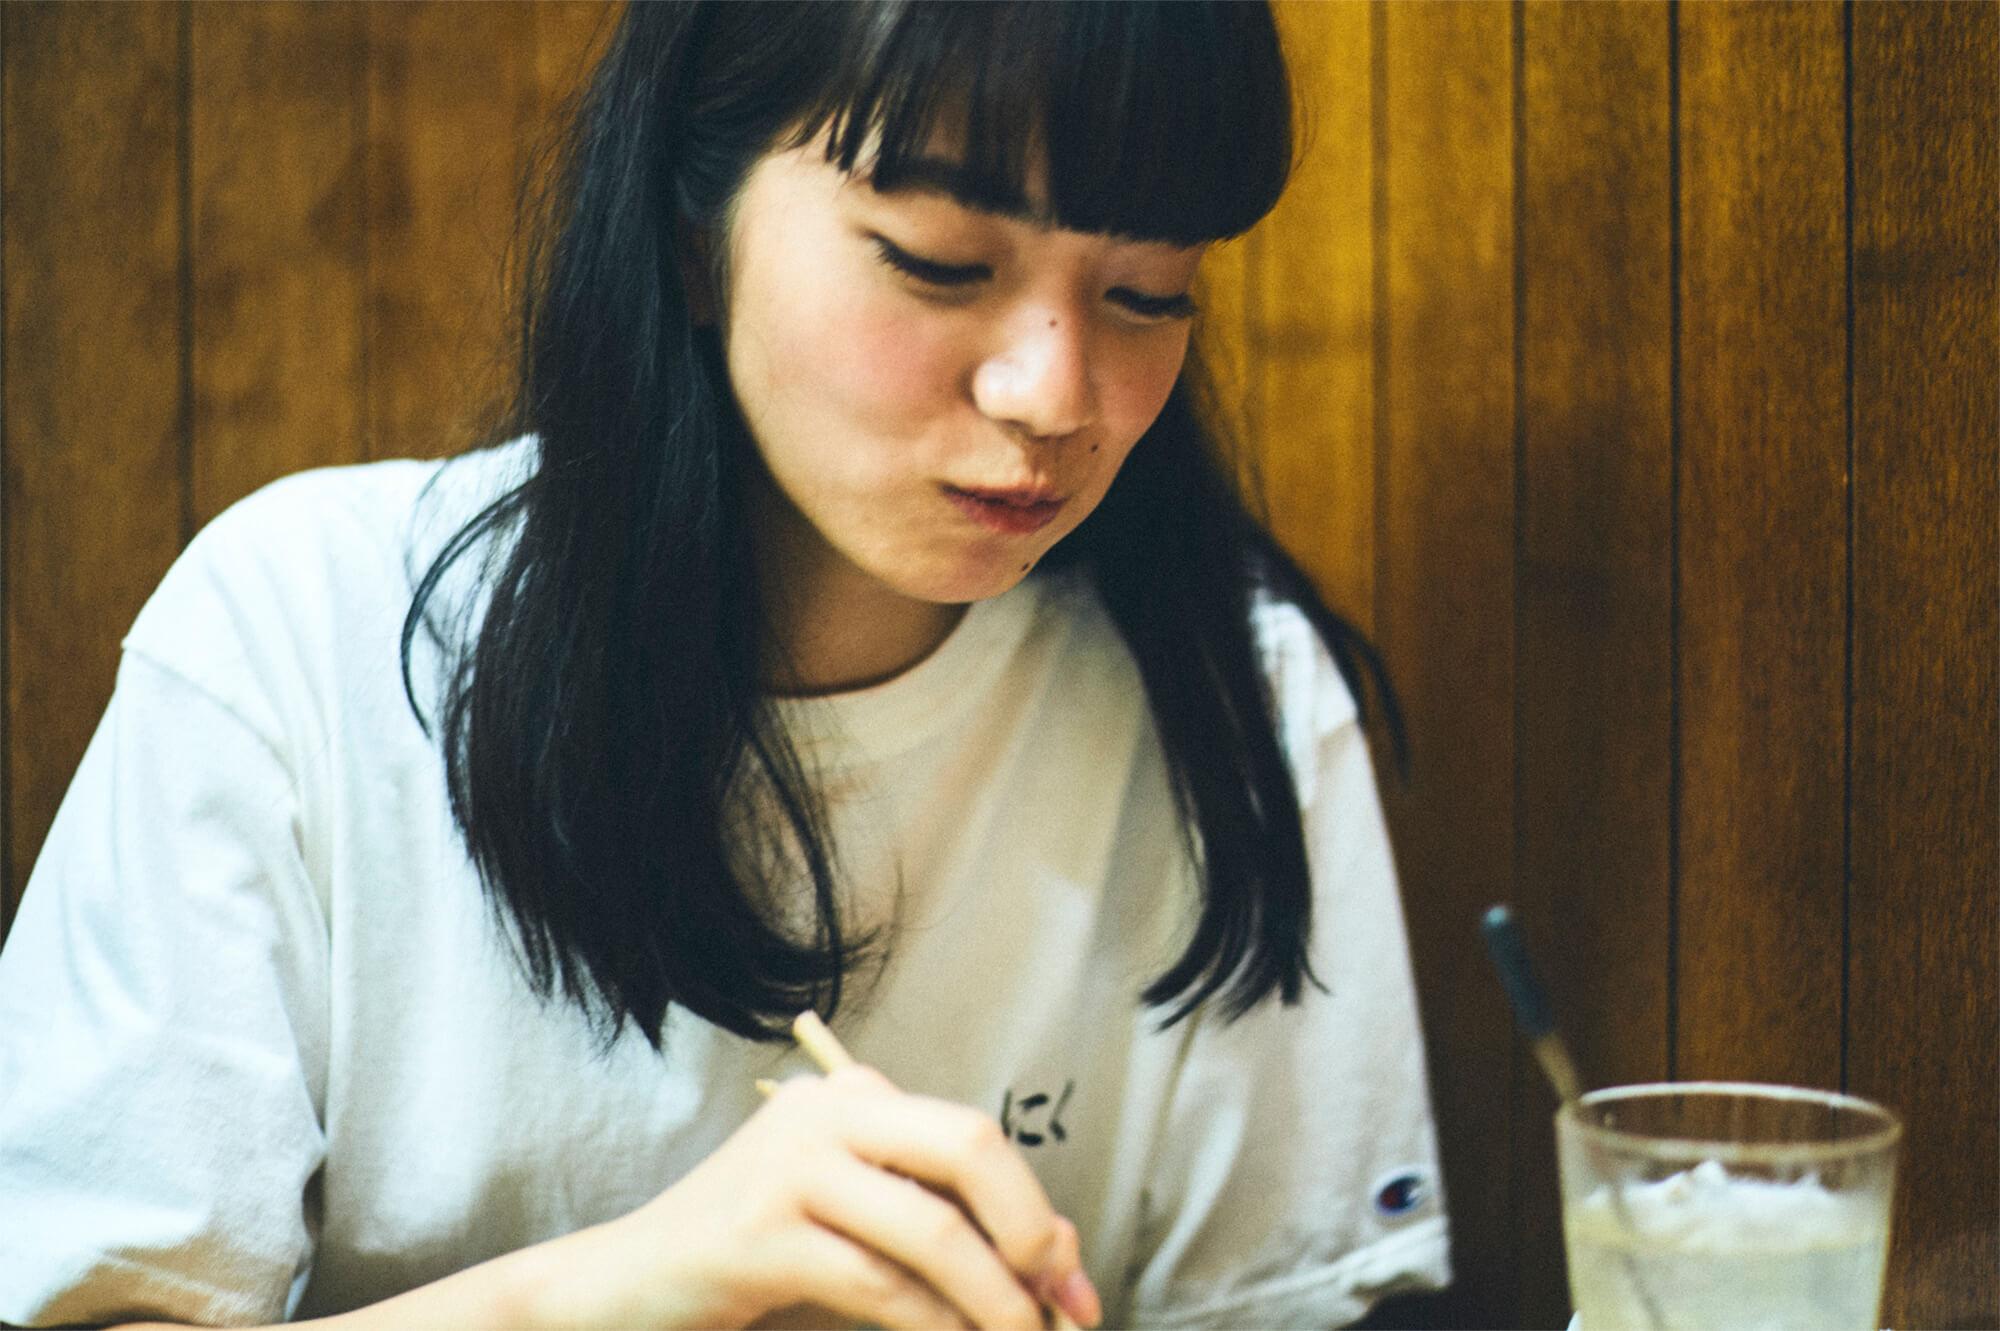 【最新】菅田将暉の彼女は小松菜奈?結婚の噂と好きなタイプが一致!